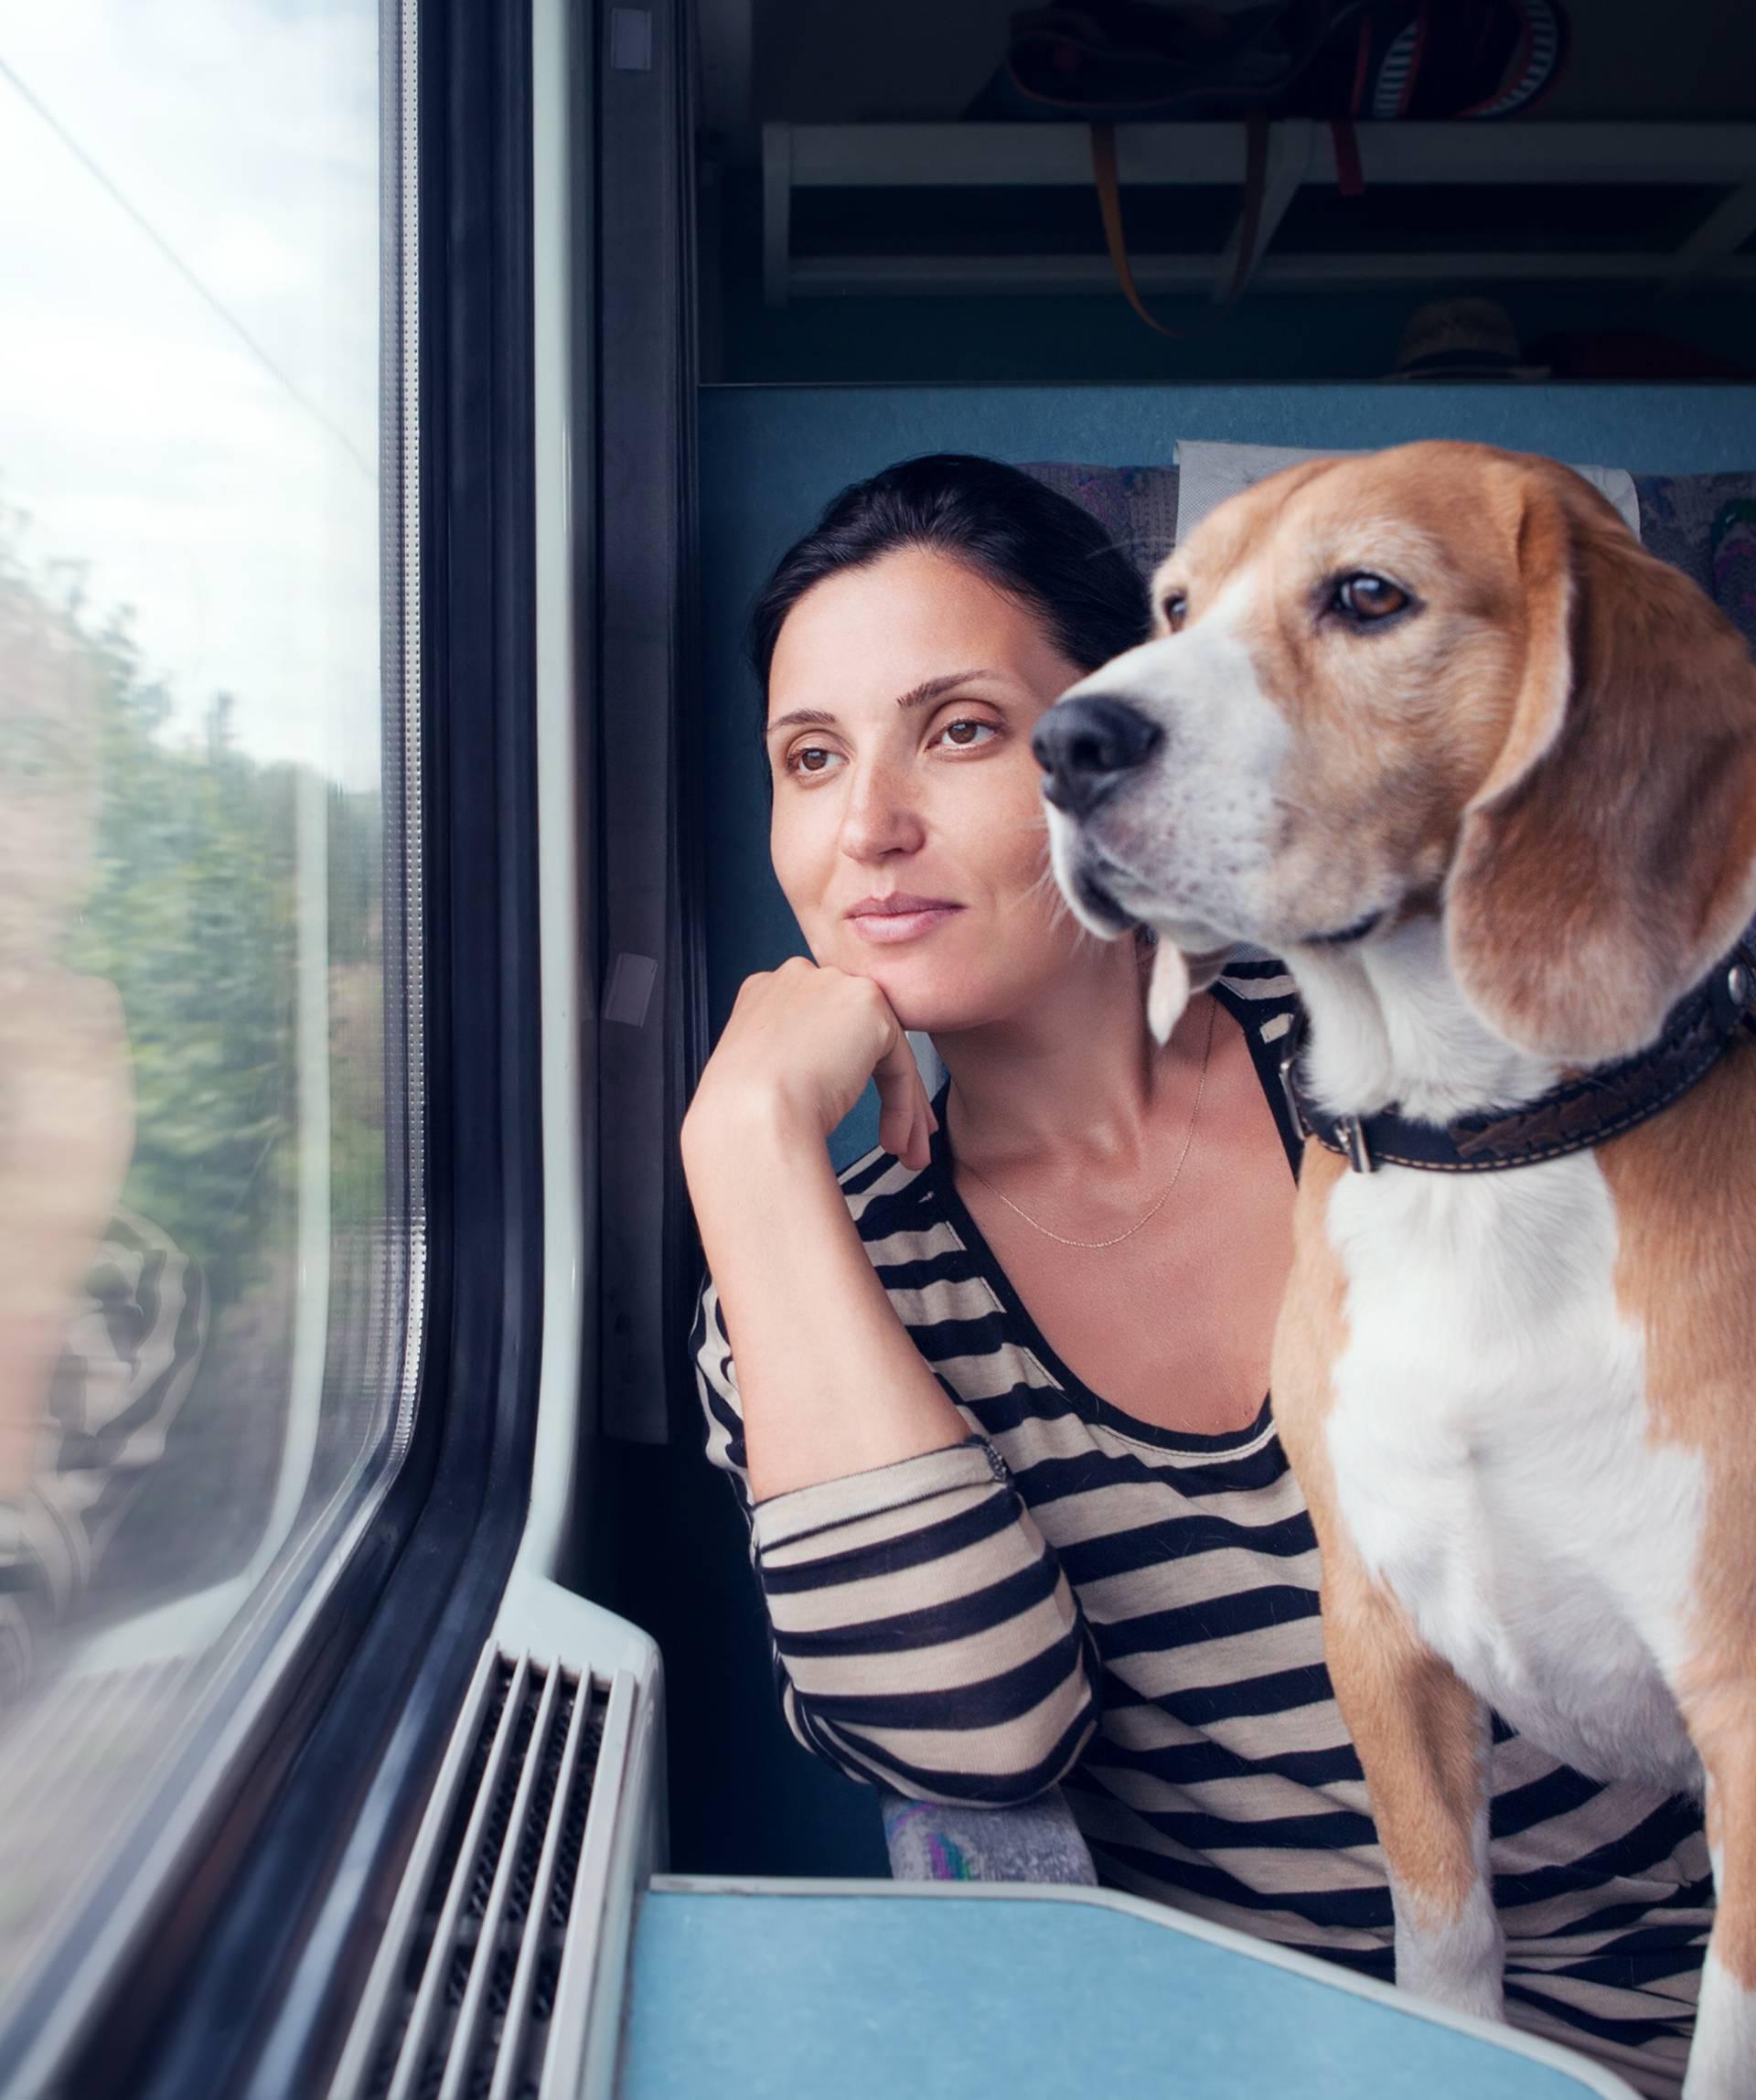 Pas može umiriti 'gazdu', ali preuzima i njegove 'loše vibre'